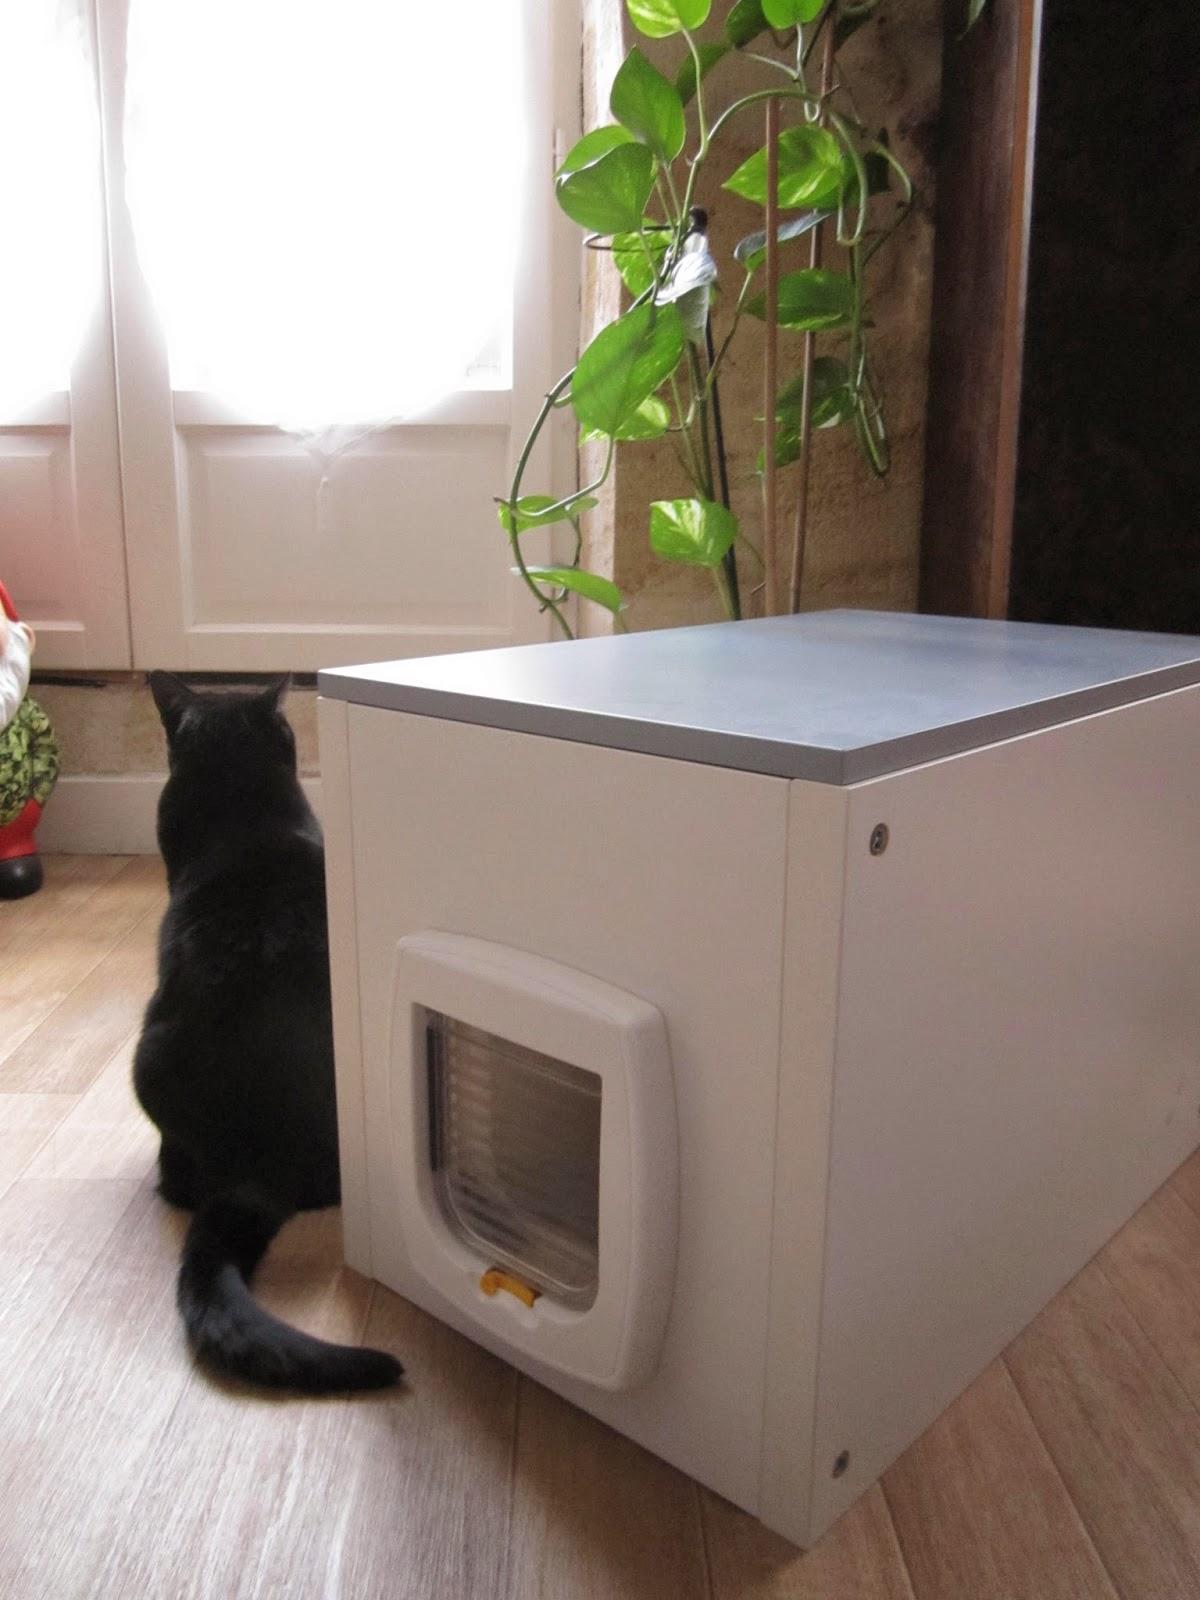 Le grain de malice mai 2014 - Meuble litiere pour chat ...